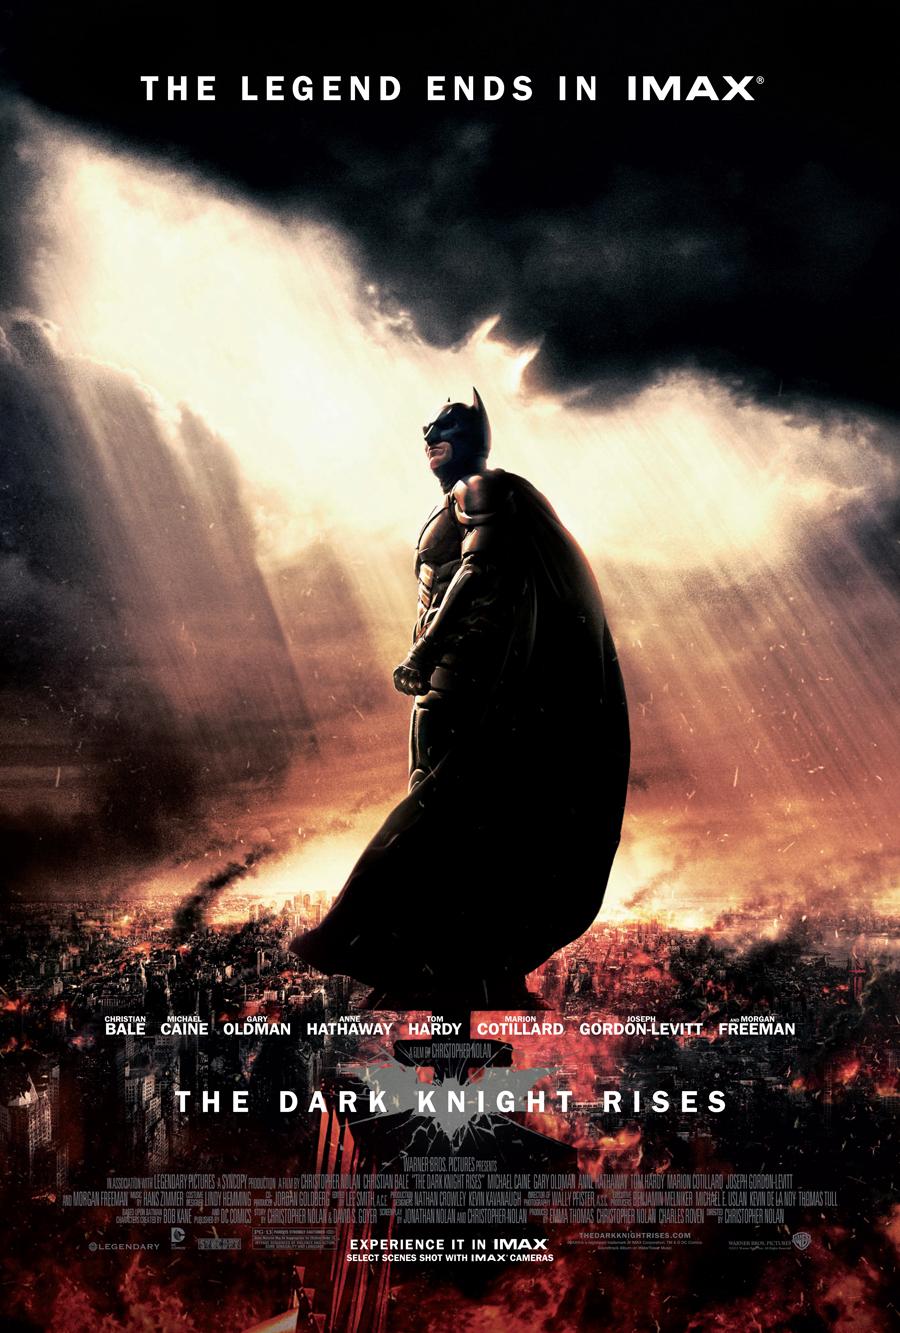 The Dark Knight Rises - IMAX - Batman poster